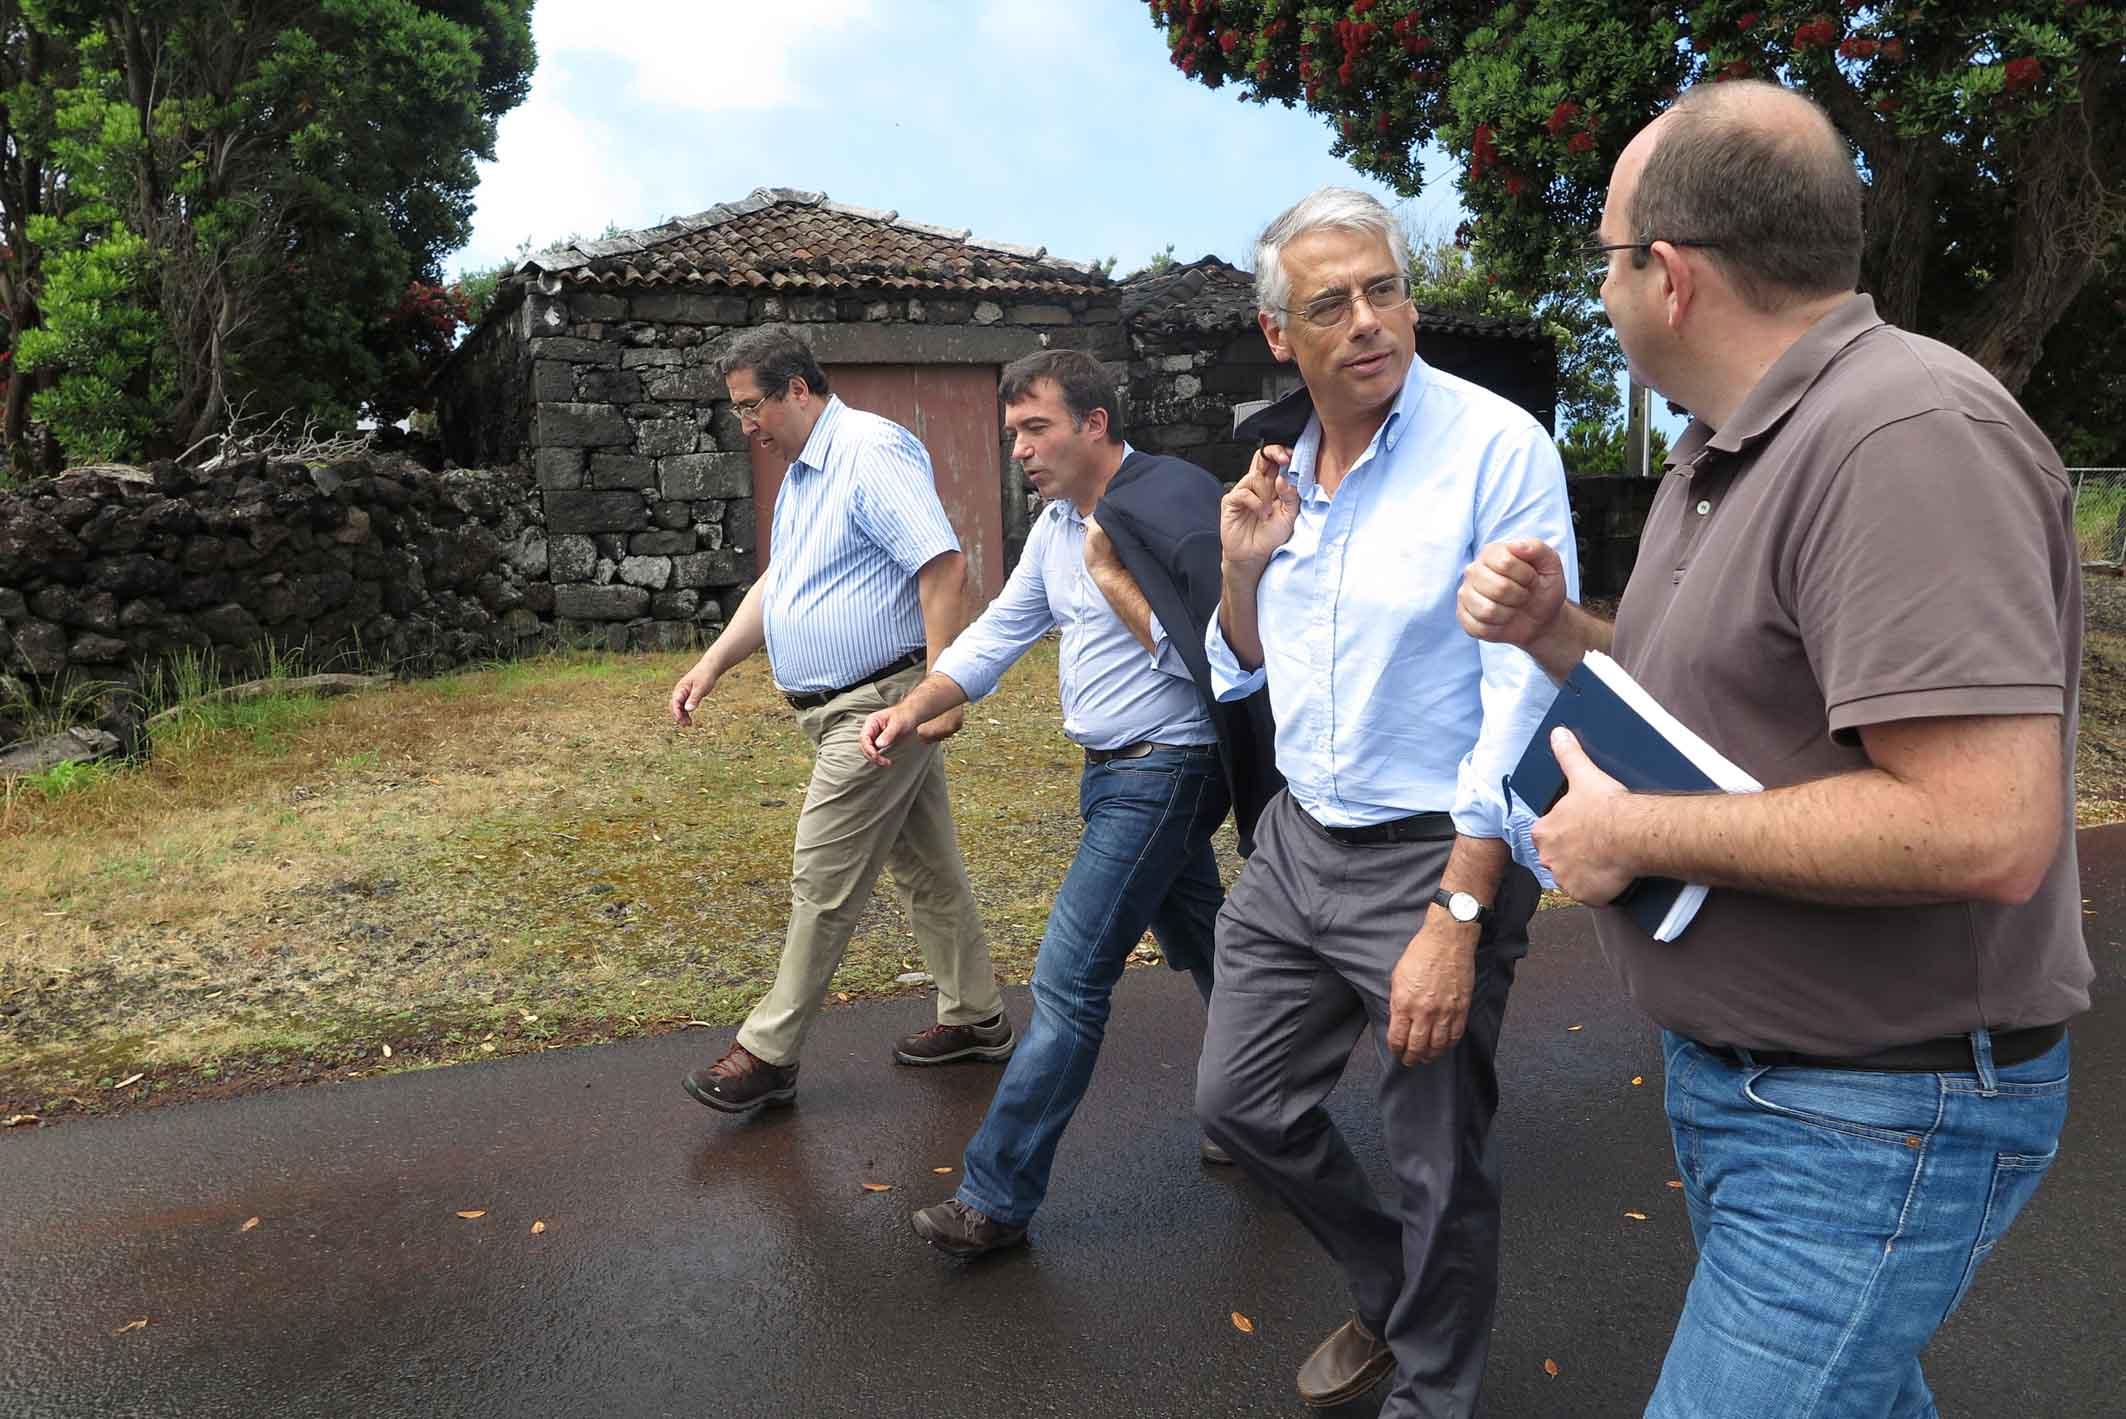 Aposta na oferta qualificada de trilhos valoriza os Açores como Destino de Natureza, afirma Luís Neto Viveiros